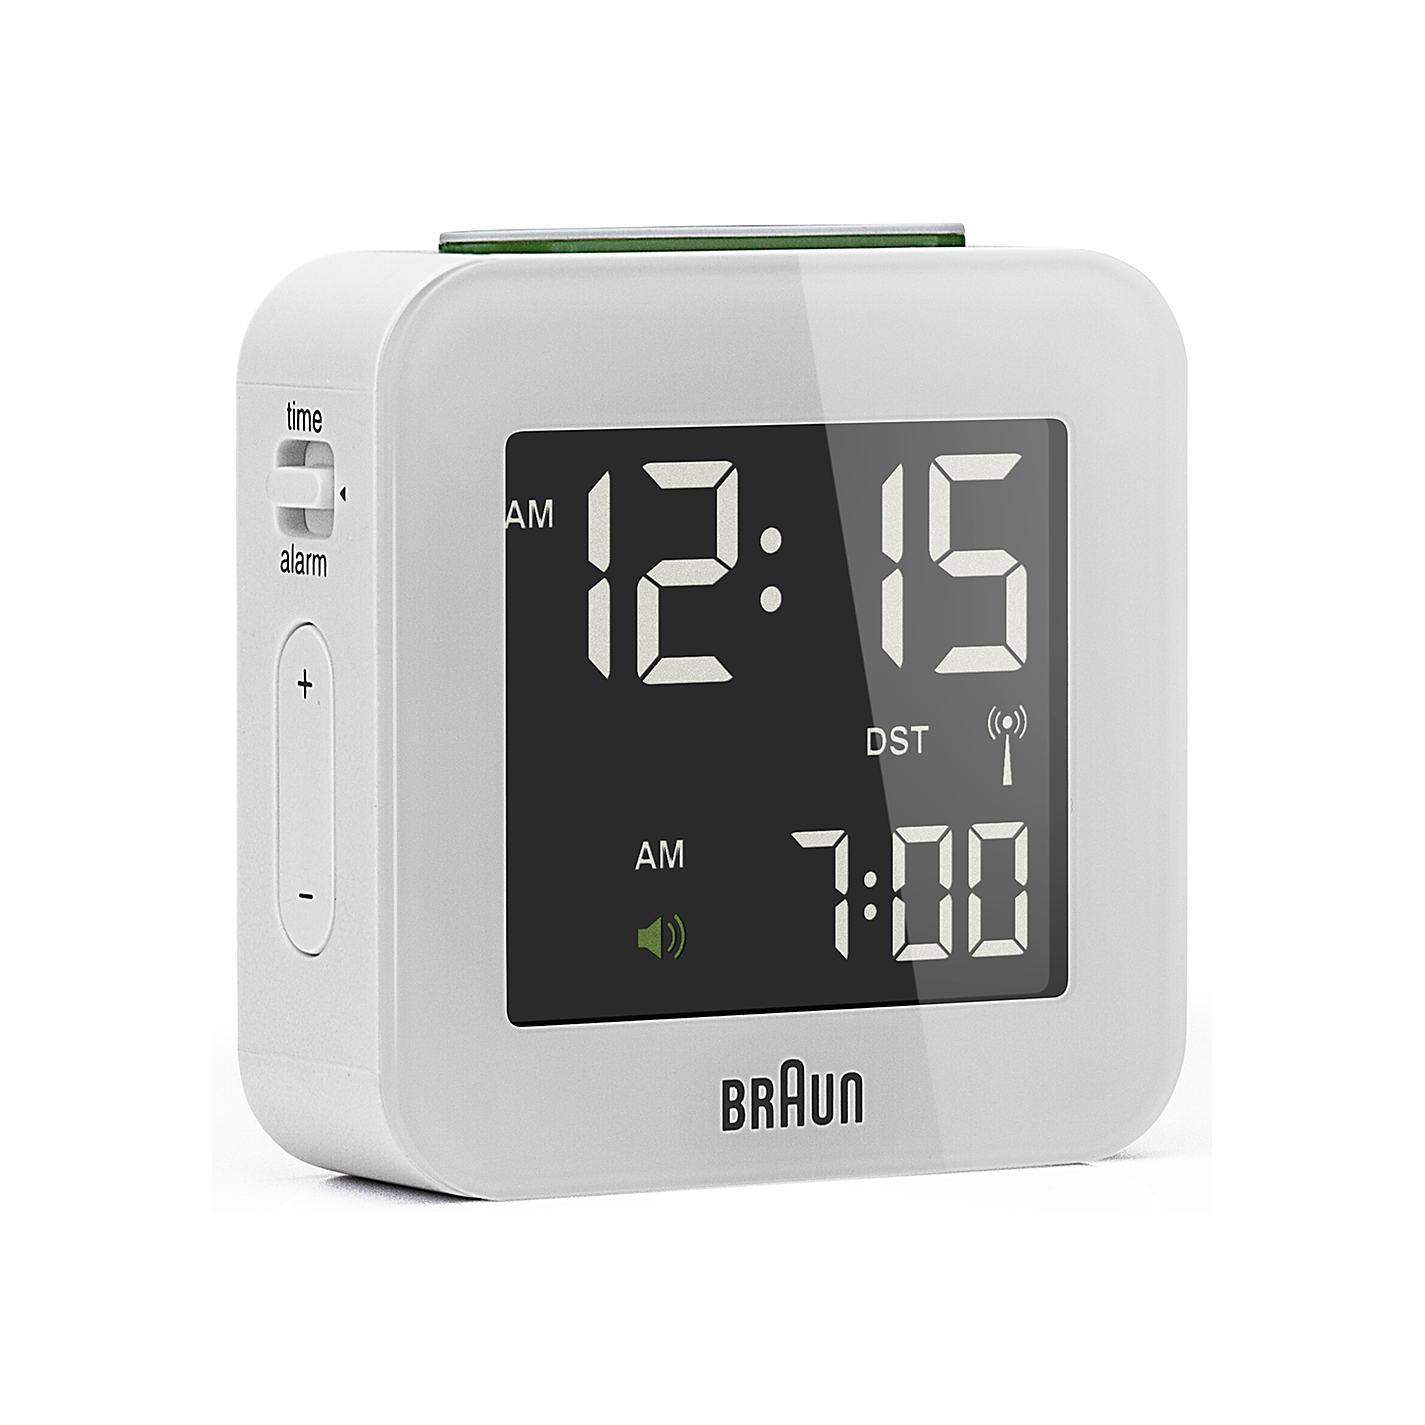 radio controlled travel alarm clock unique alarm clock. Black Bedroom Furniture Sets. Home Design Ideas